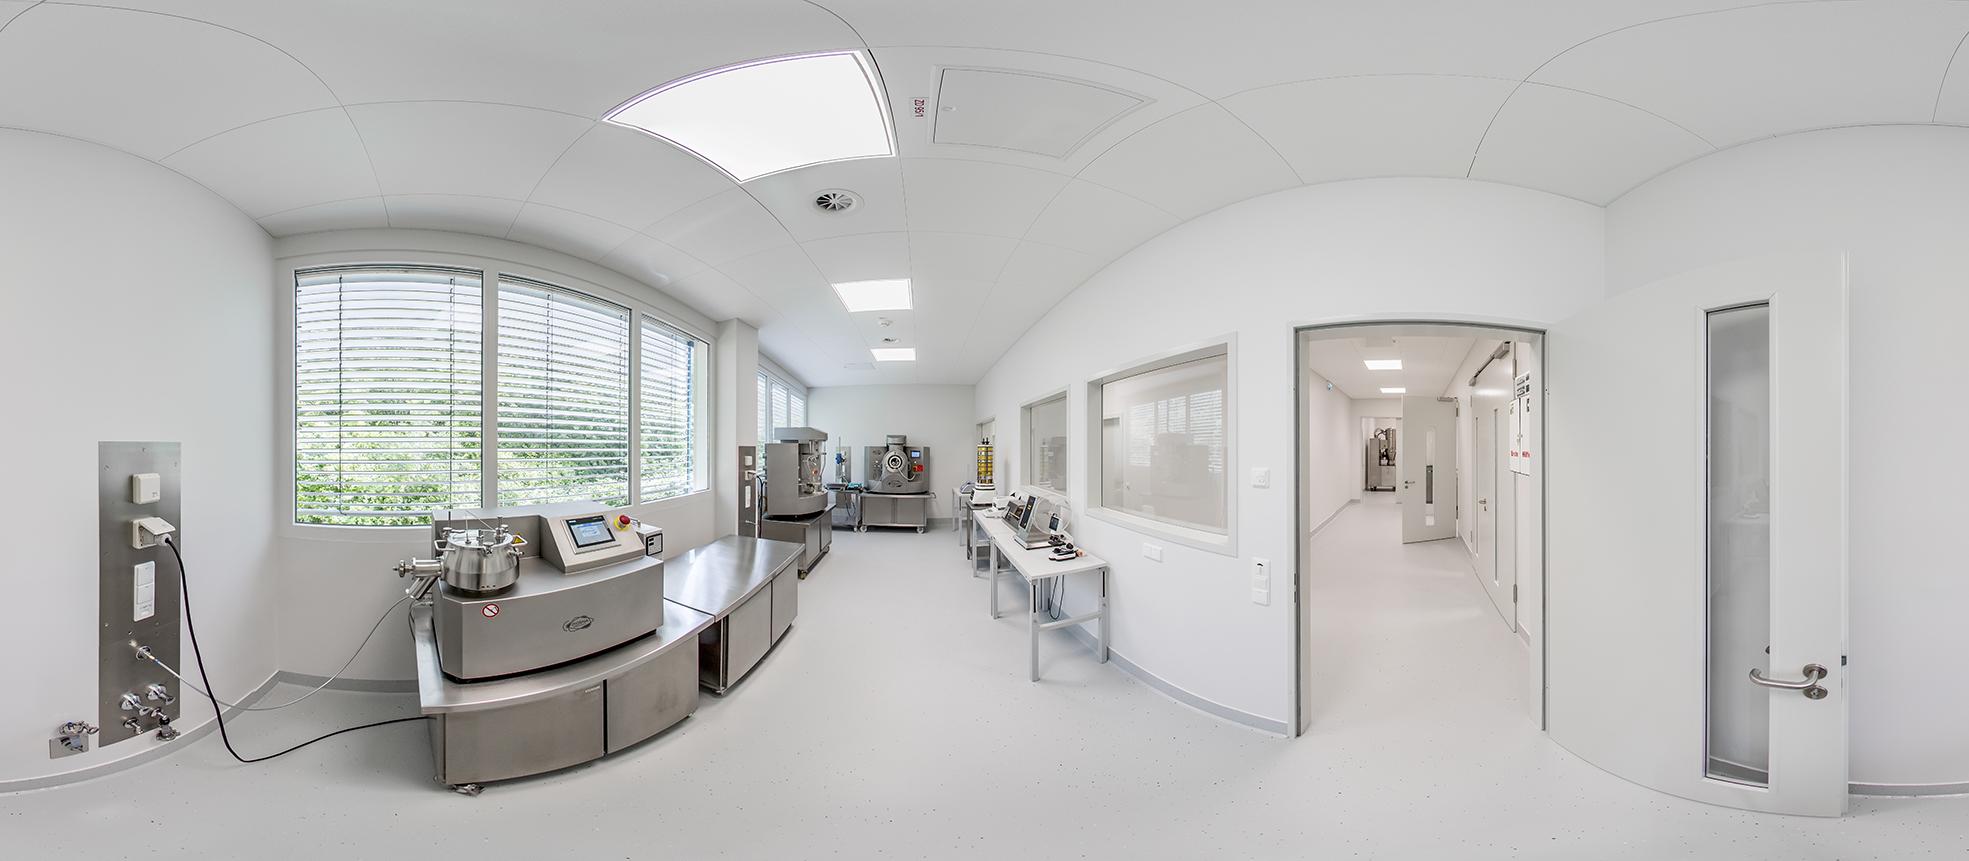 3 Panoramabild Diosna ProcessLab – R&D Labor mit High Shear Granulator P1-6, MiniLab RC mit Wirbelschichttrockner- und Coatermodul